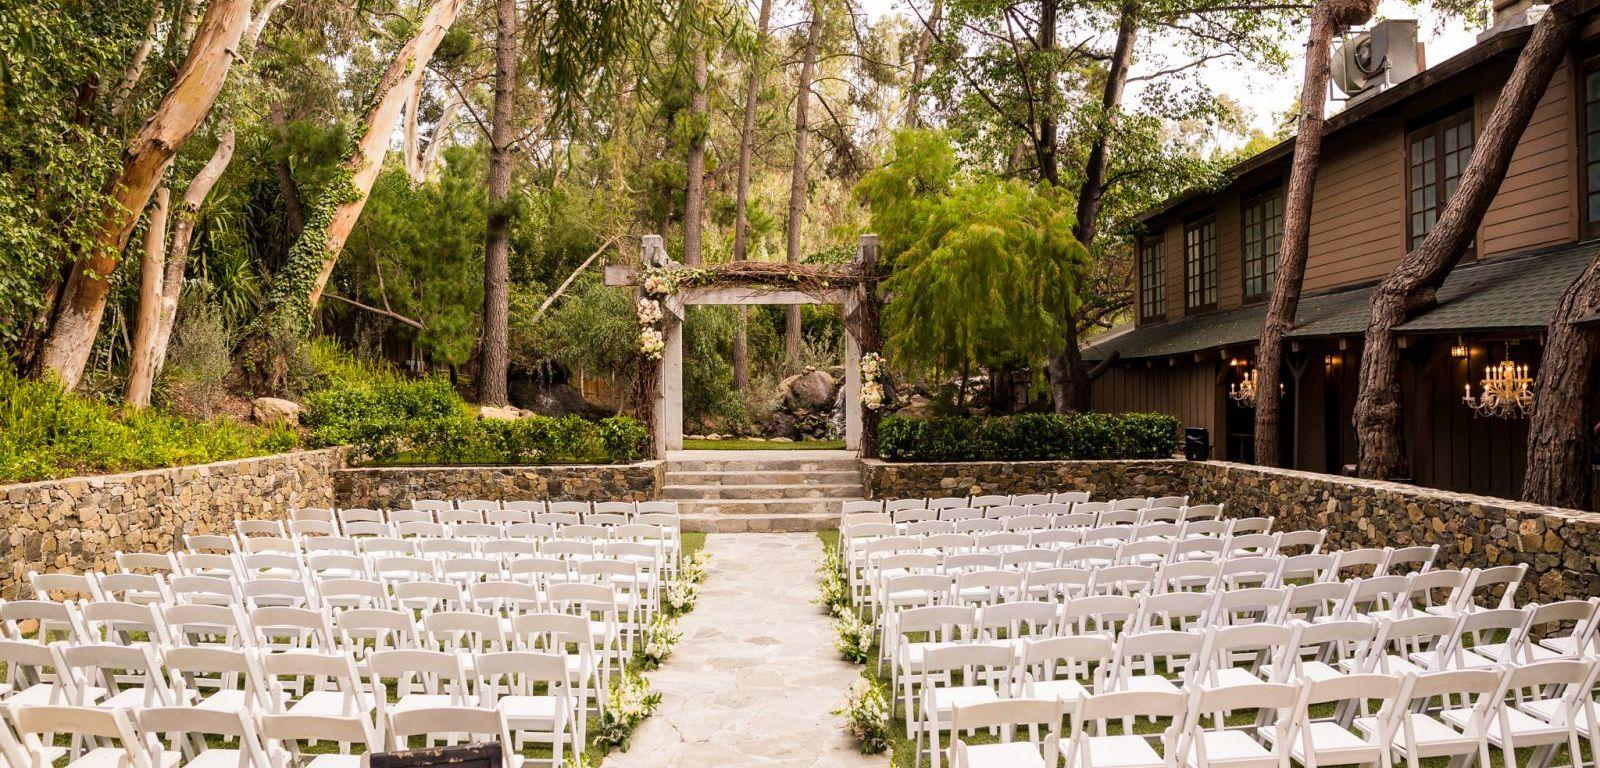 Redwood Room outdoor wedding ceremony venue at Calamigos Ranch